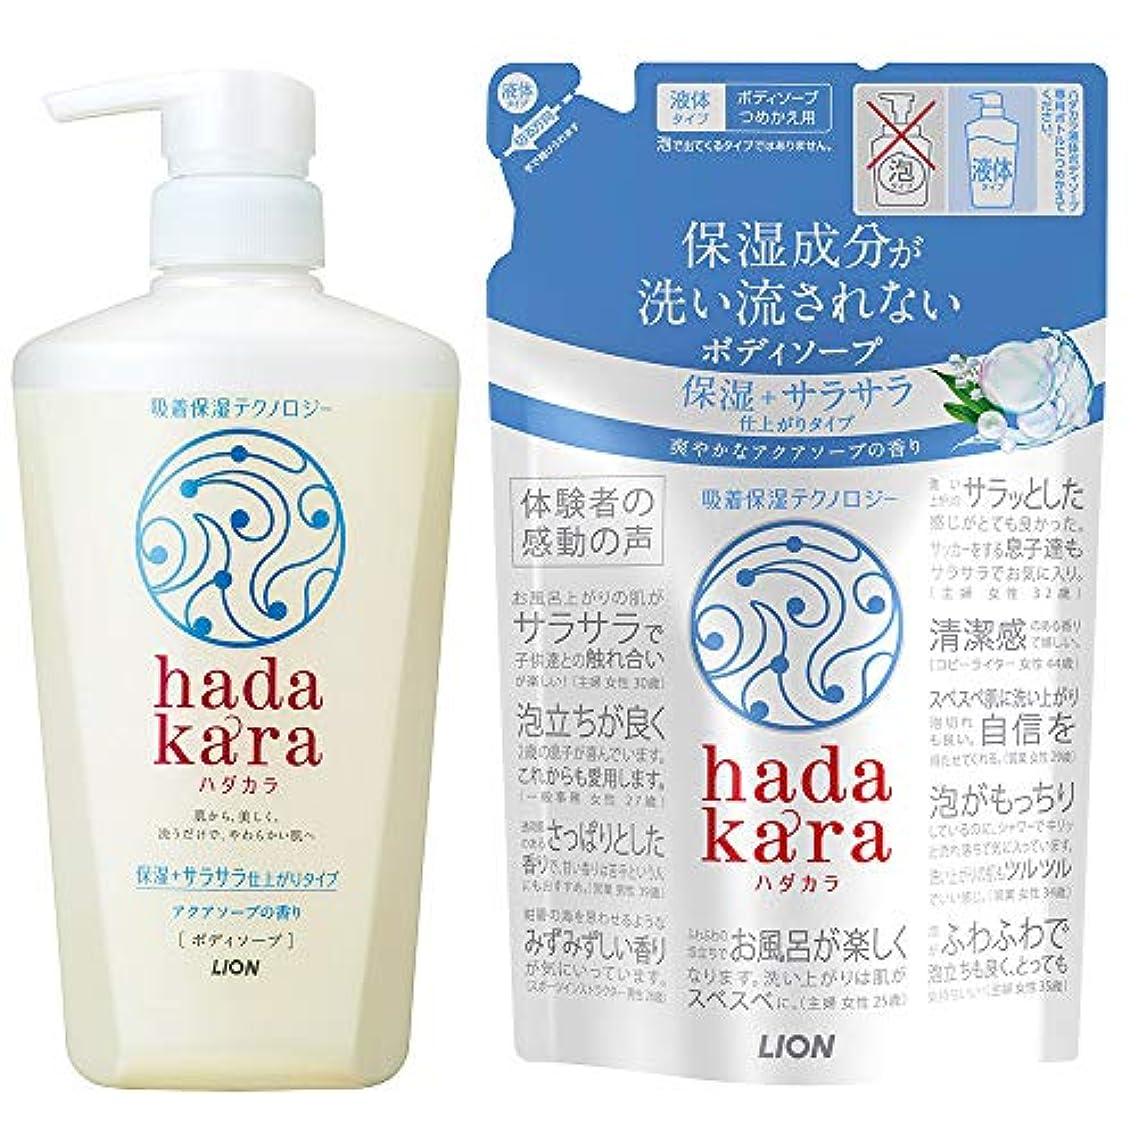 hadakara(ハダカラ)ボディソープ 保湿+サラサラ仕上がりタイプ アクアソープの香り 本体 480ml + つめかえ 340ml